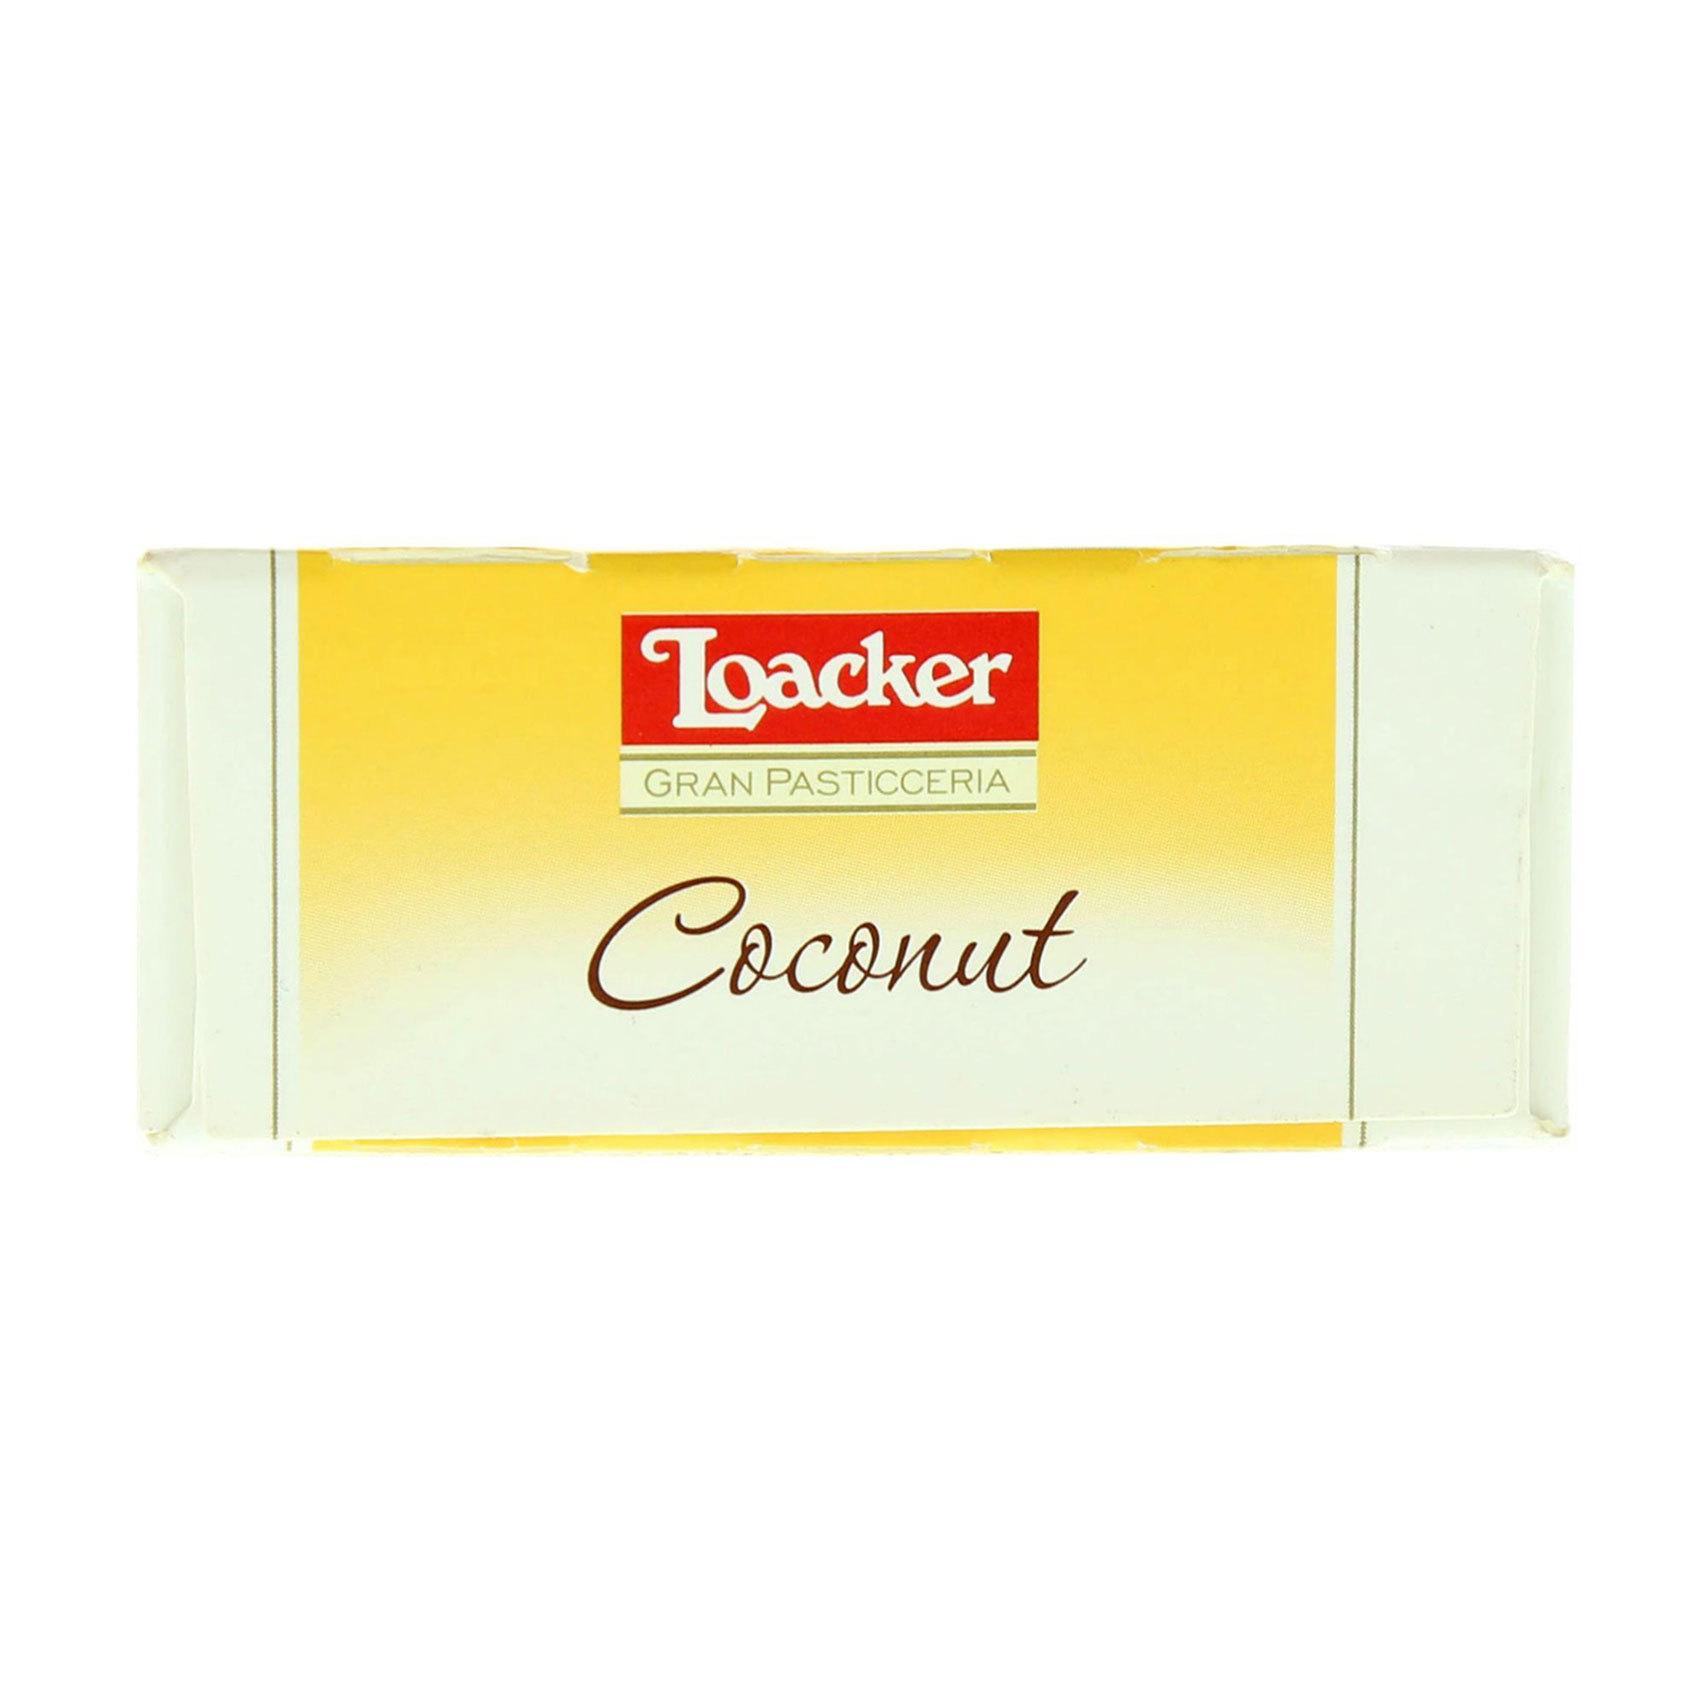 LOACKER COCONUT 100GR